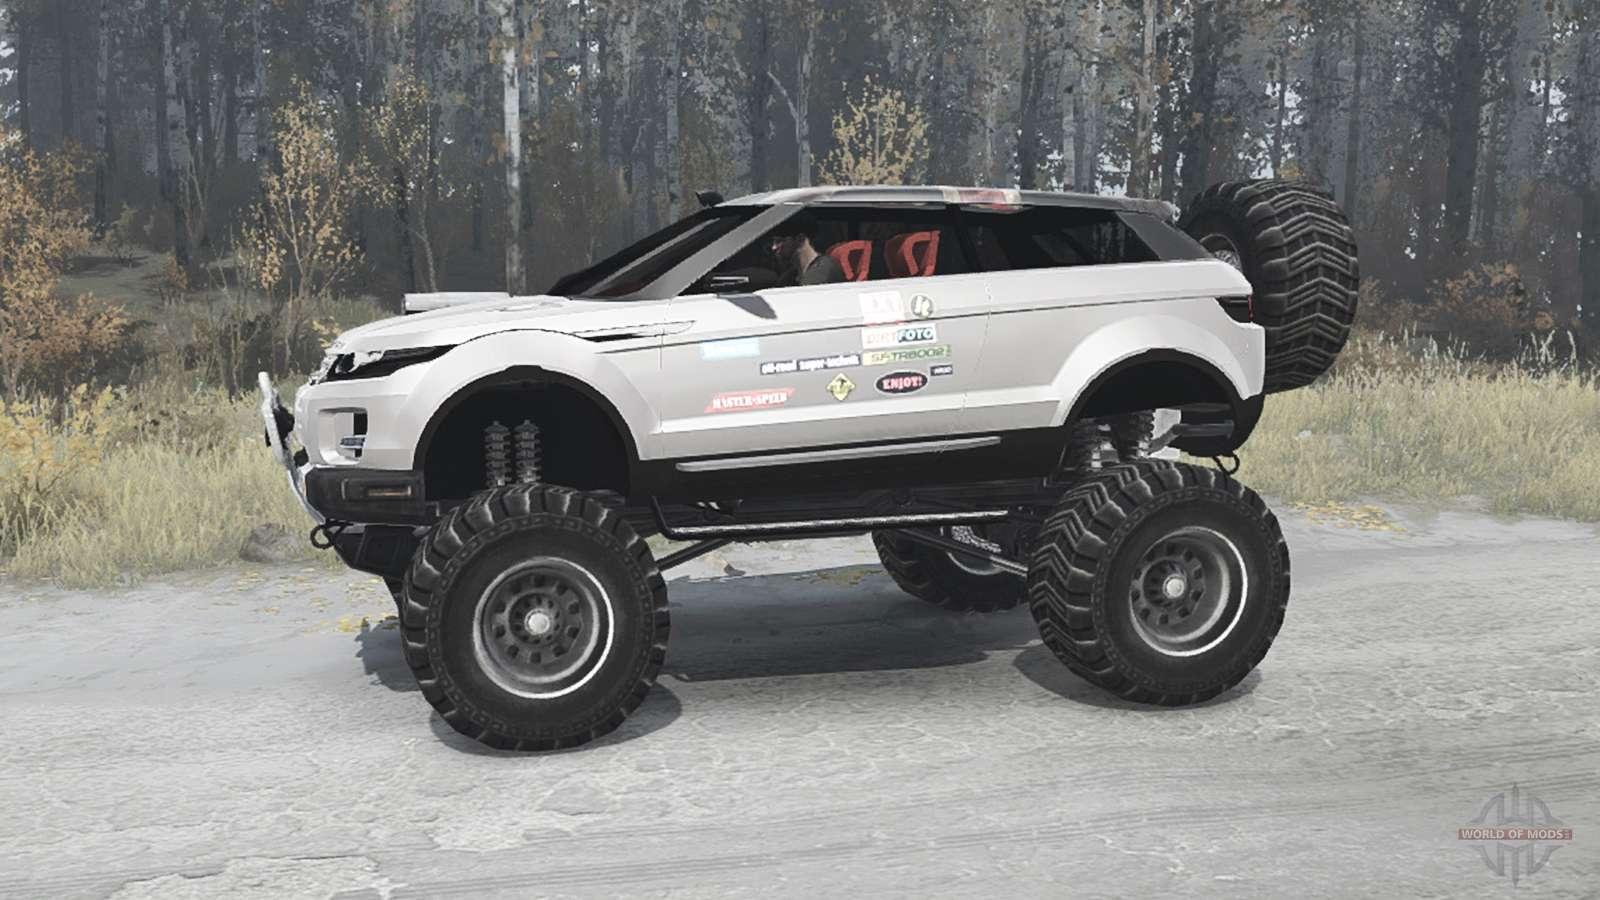 Land Rover Lrx ✓ Land Rover Car